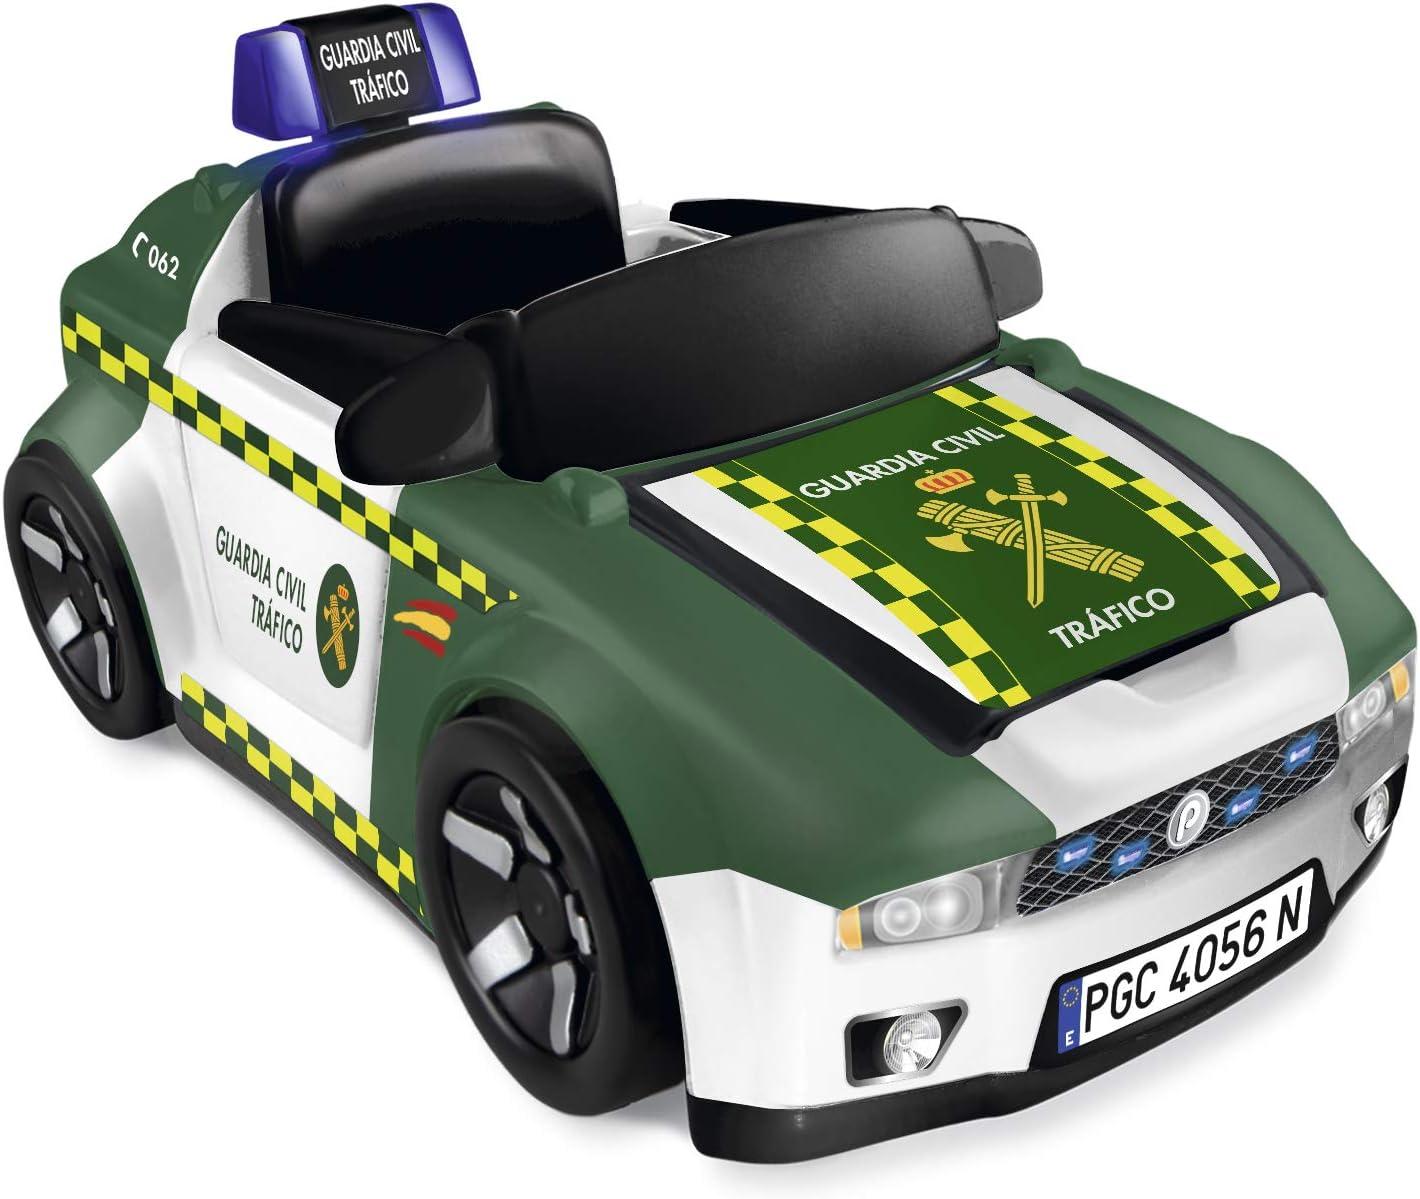 Pinypon Action- Guardia Civil Coche y Moto, vehículo policía Juguete (Famosa 700015836)